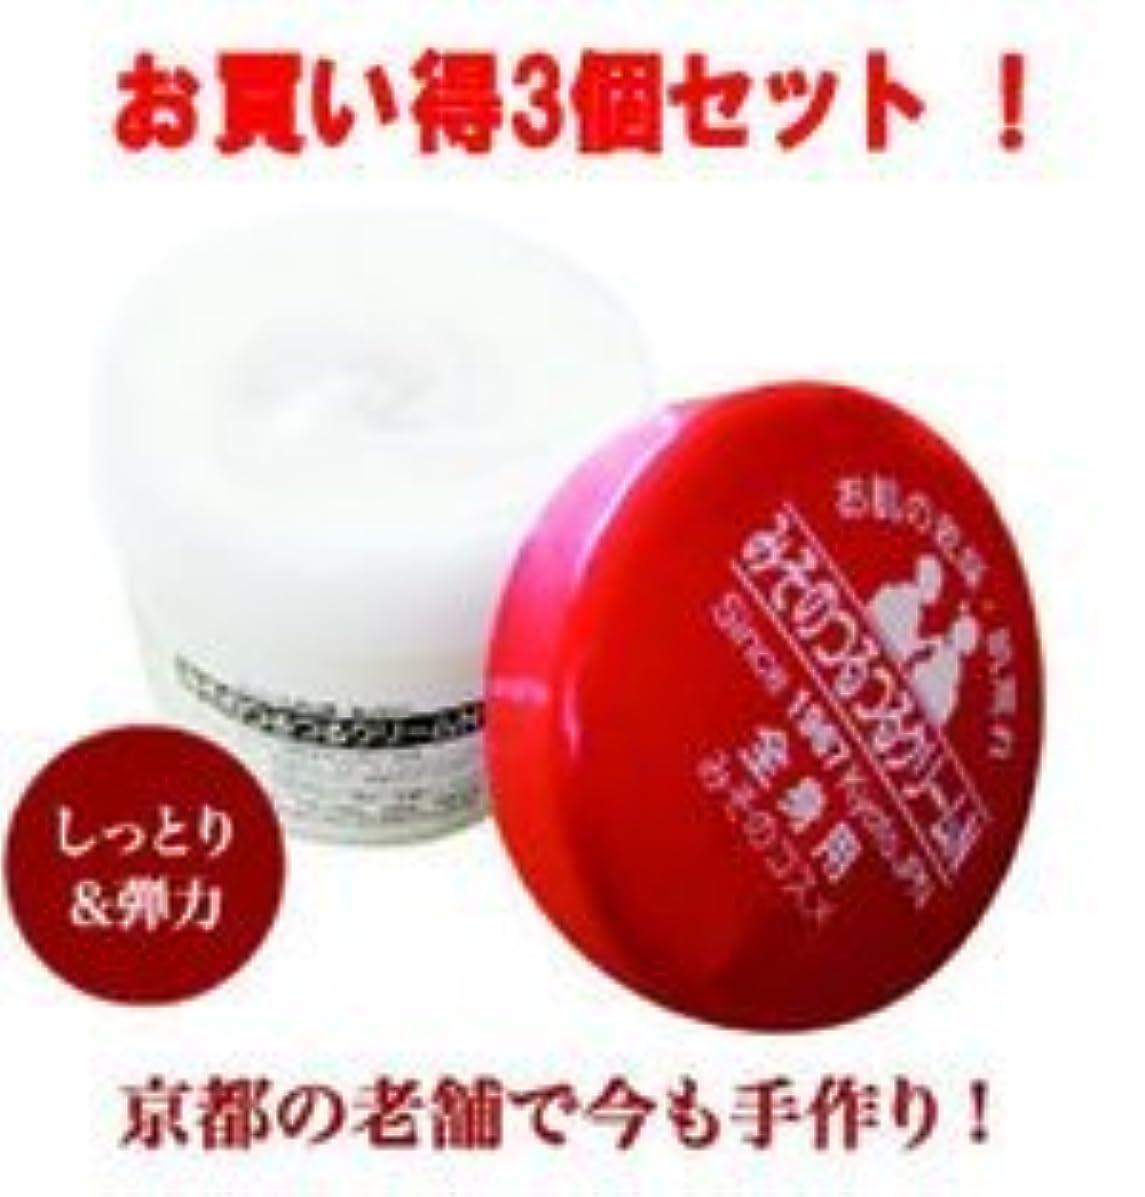 軽減するコジオスコさせるみそのつるつるクリームN 110g (お買い得3個セット)